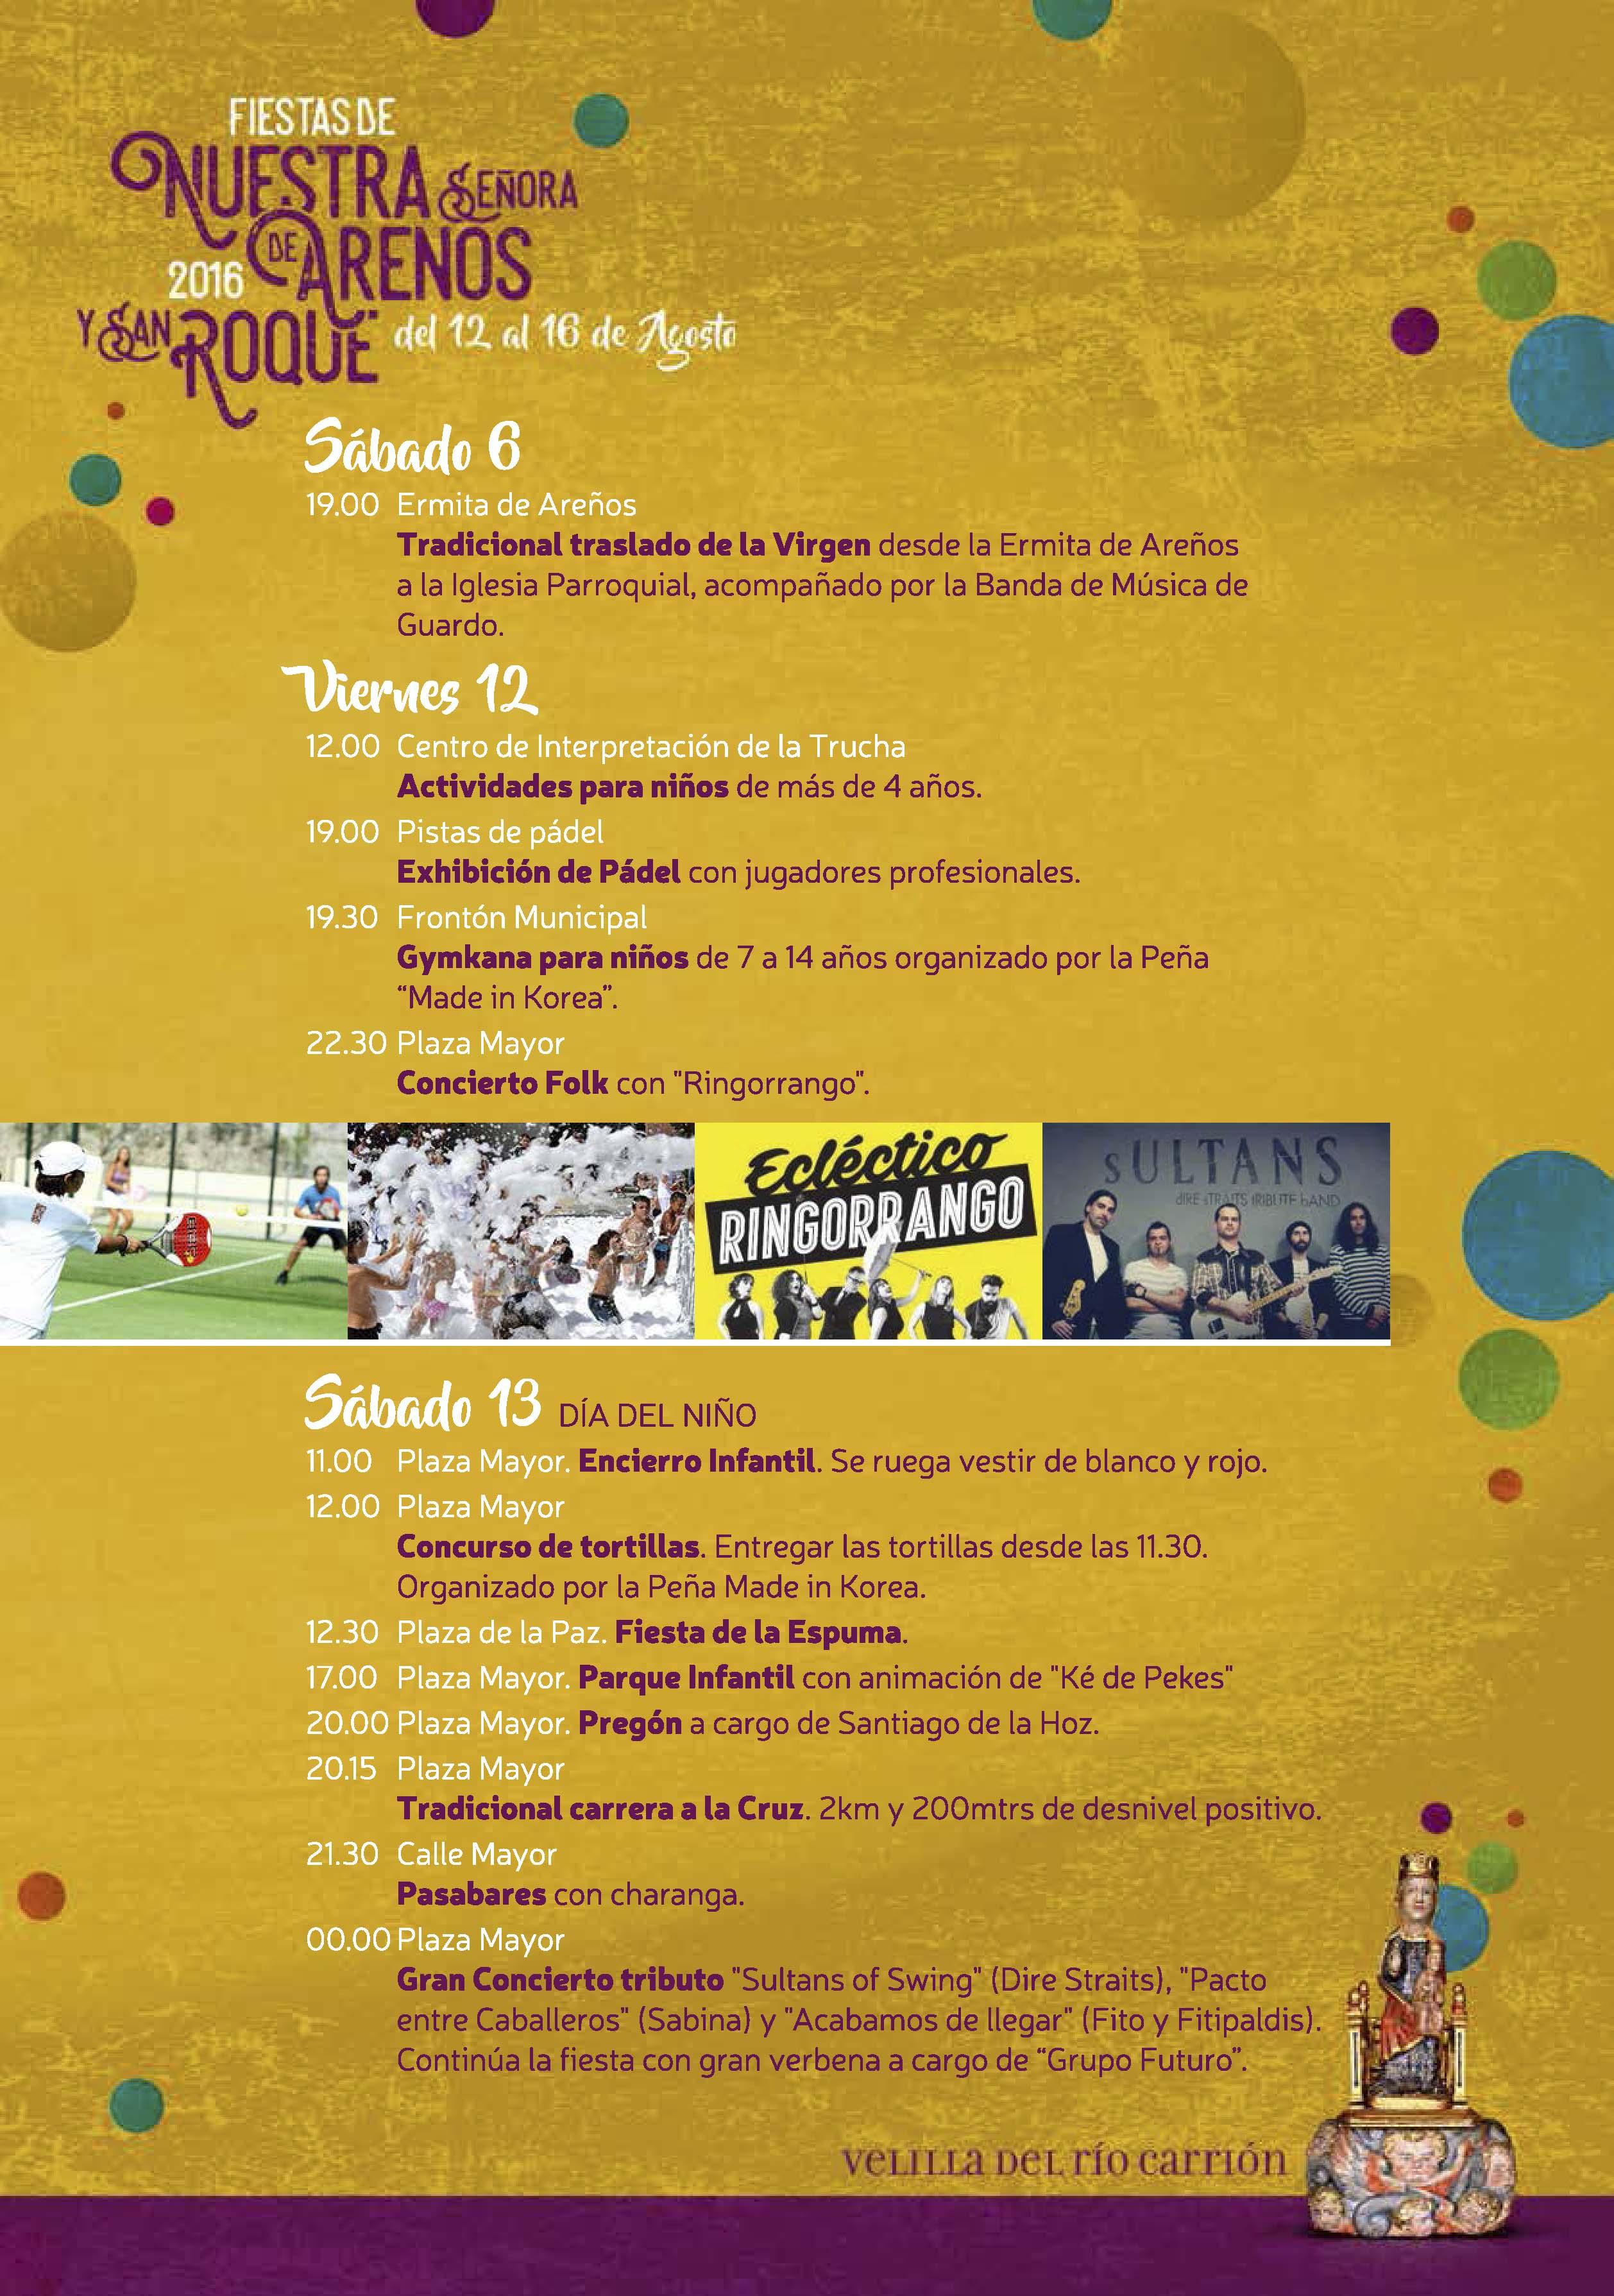 FIESTAS DE NTRA. SRA. DE AREÑOS Y SAN ROQUE 2016